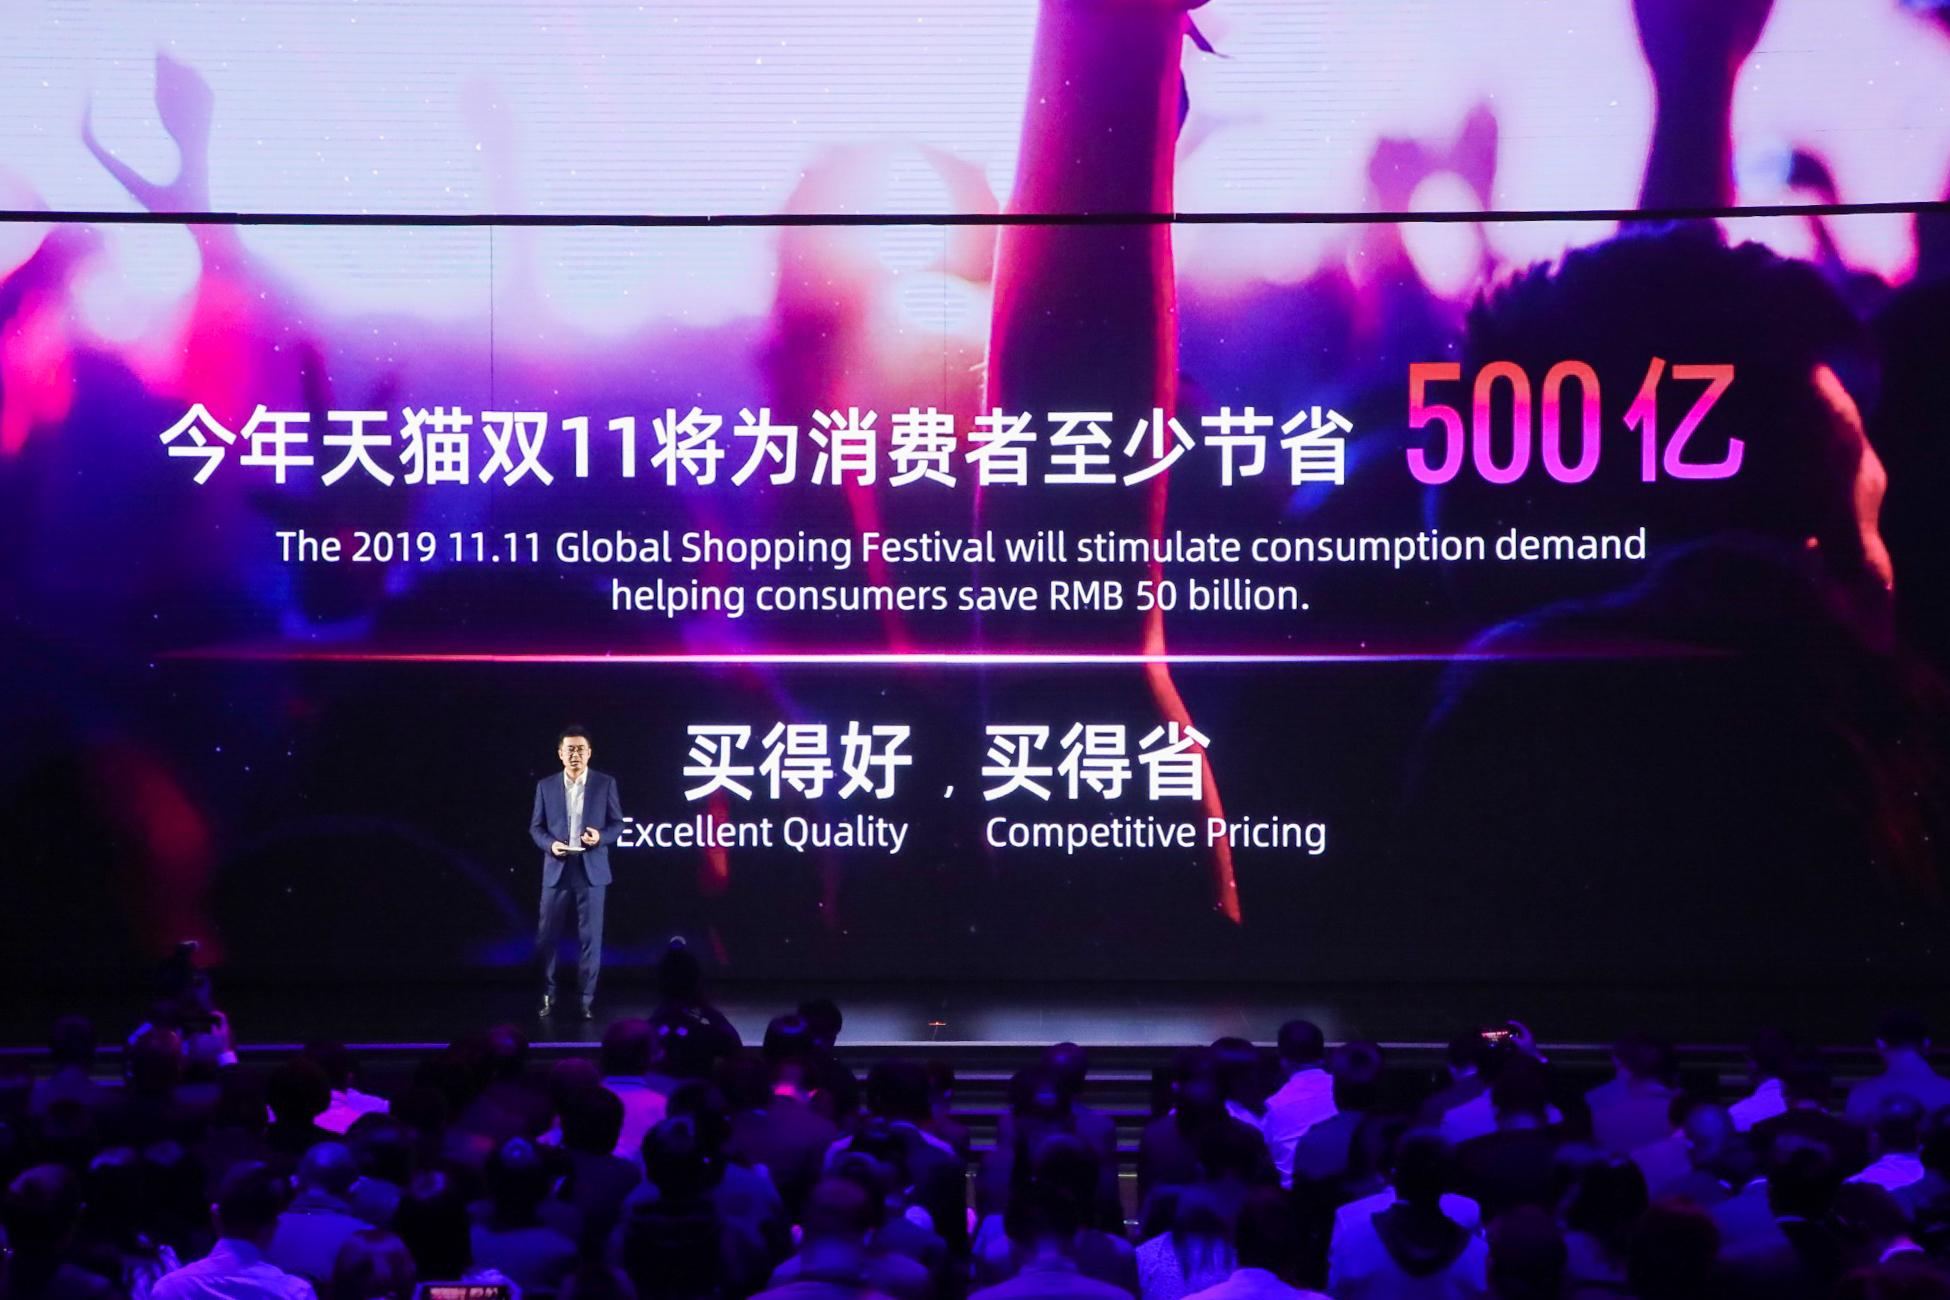 淘宝天猫总裁蒋凡:今年天猫双11至少要为消费者省500亿.jpg